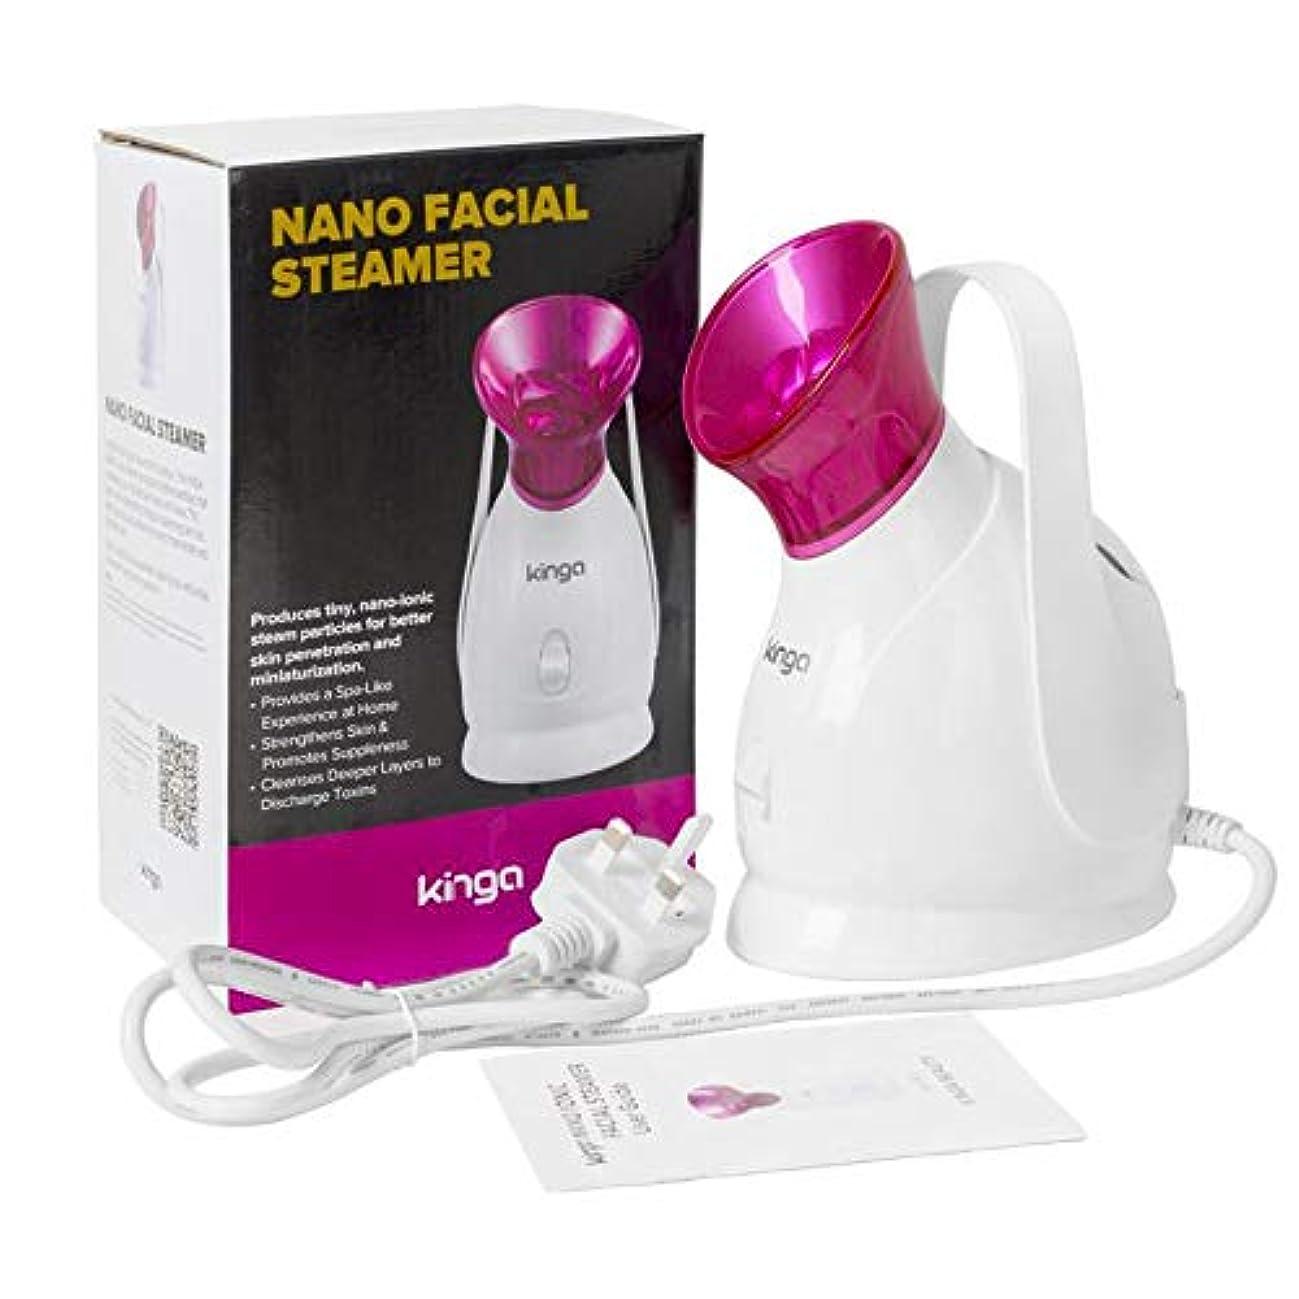 昼食カロリー発揮するフェイシャルSPAフェイシャルスキン保湿ツール ホットミスト10Minディープクリーニングホームイオンスプレー美容器具浄水器加湿器用毛穴を開ける